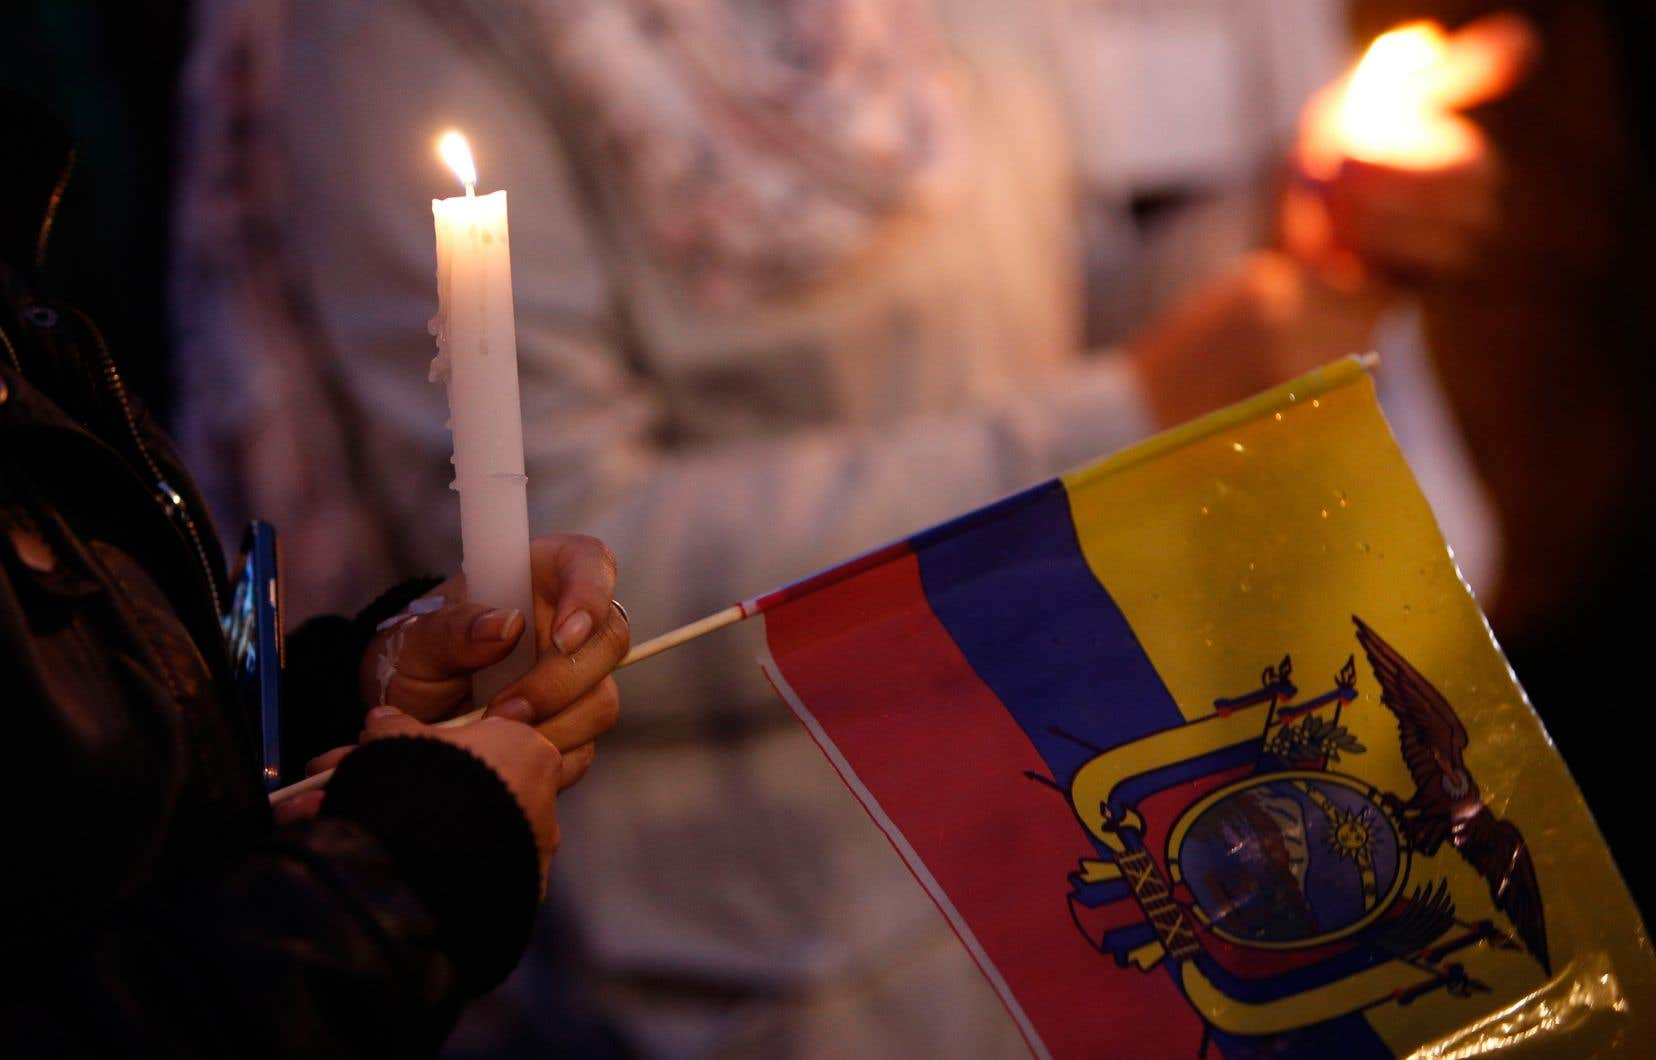 Cet enlèvement s'ajoute au drame qui a bouleversé l'Équateur, avec la prise en otage et l'assassinat des journalistes Javier Ortega et Paul Rivas, ainsi que de leur chauffeur Efrain Segarra.